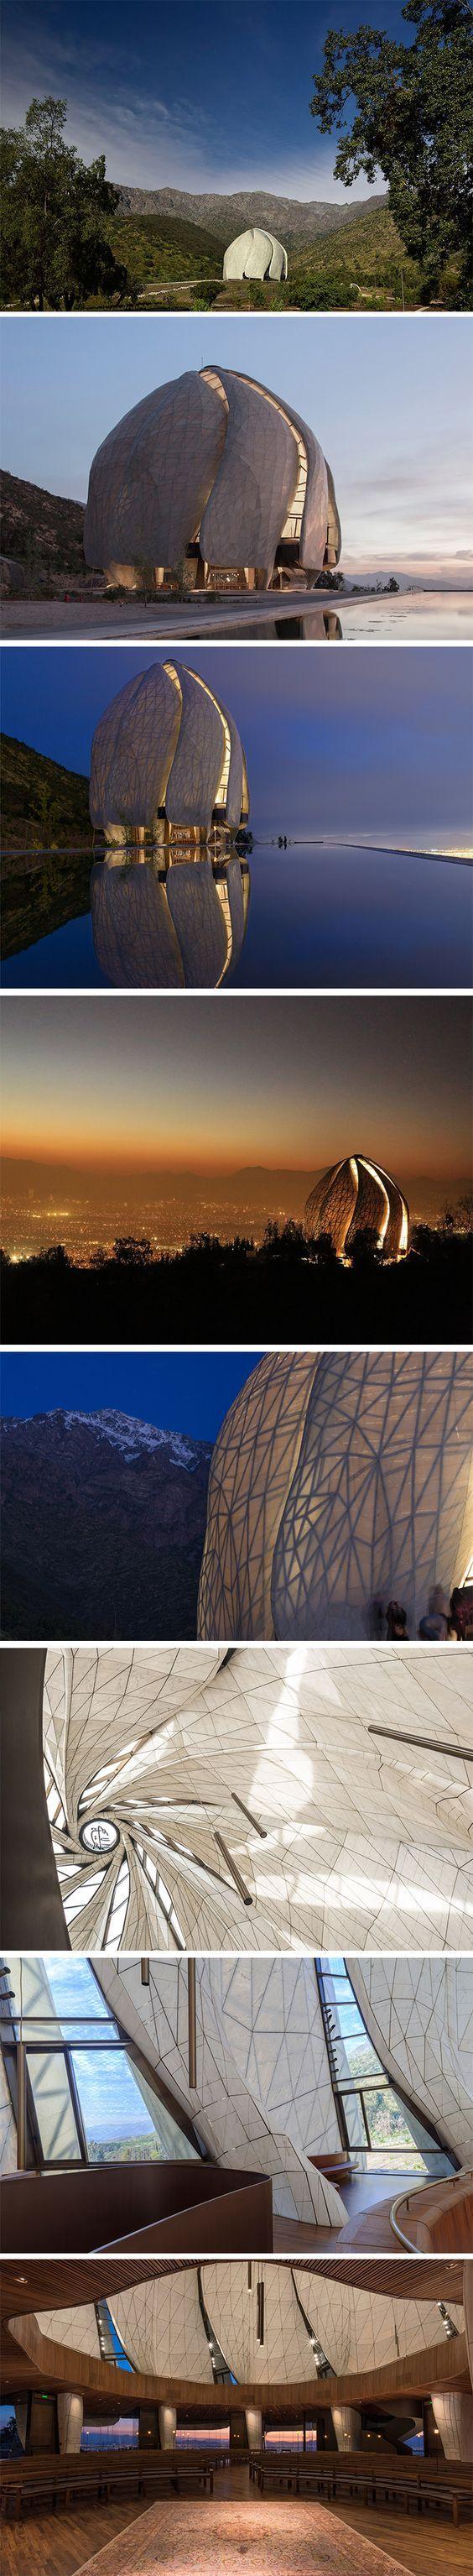 Casa de Adoração Bahá'í da América do Sul-Santiago- Chile. Siamak Hariri http://templo.bahai.cl/pb/templo-y-comunidad/arquitectura/